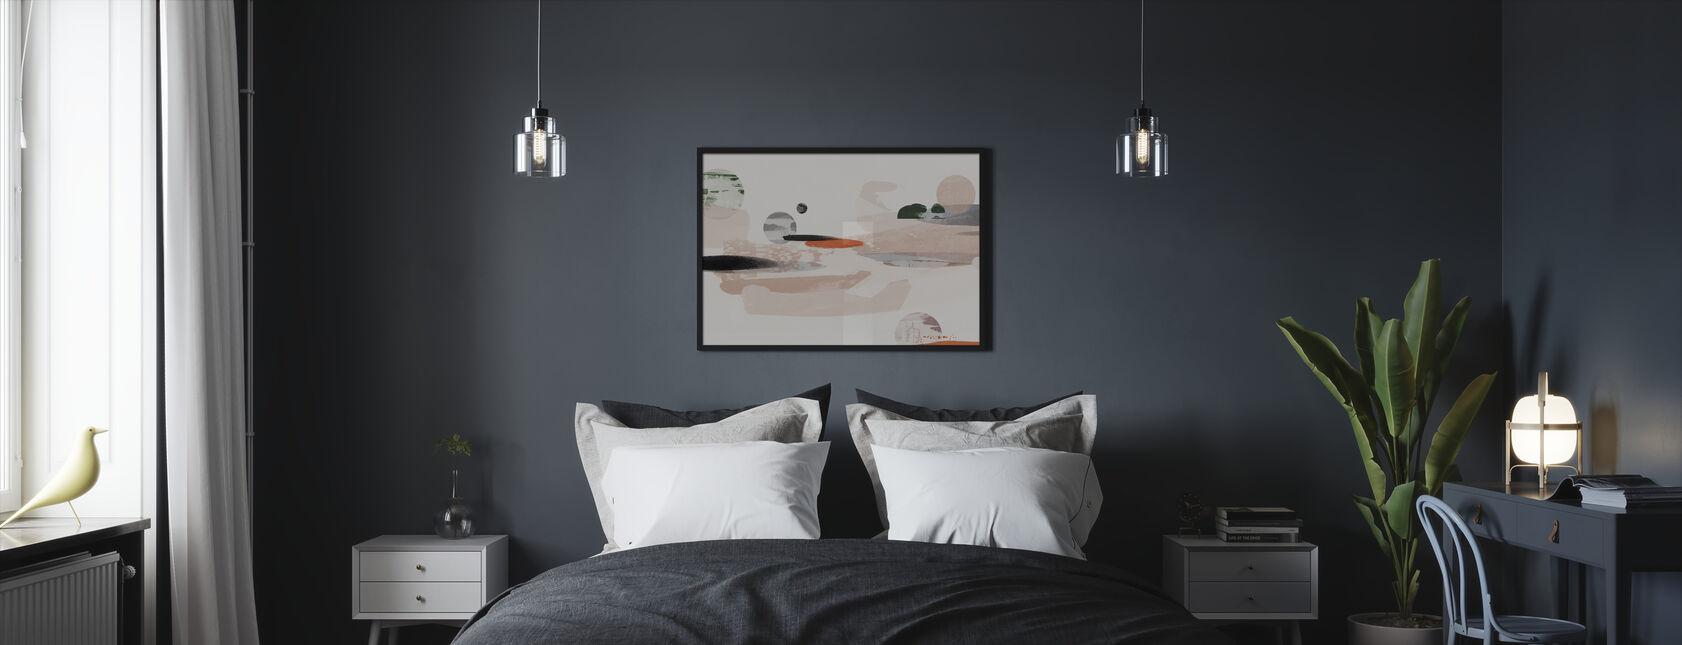 Abstrakcja kosmiczna - Obraz w ramie - Sypialnia